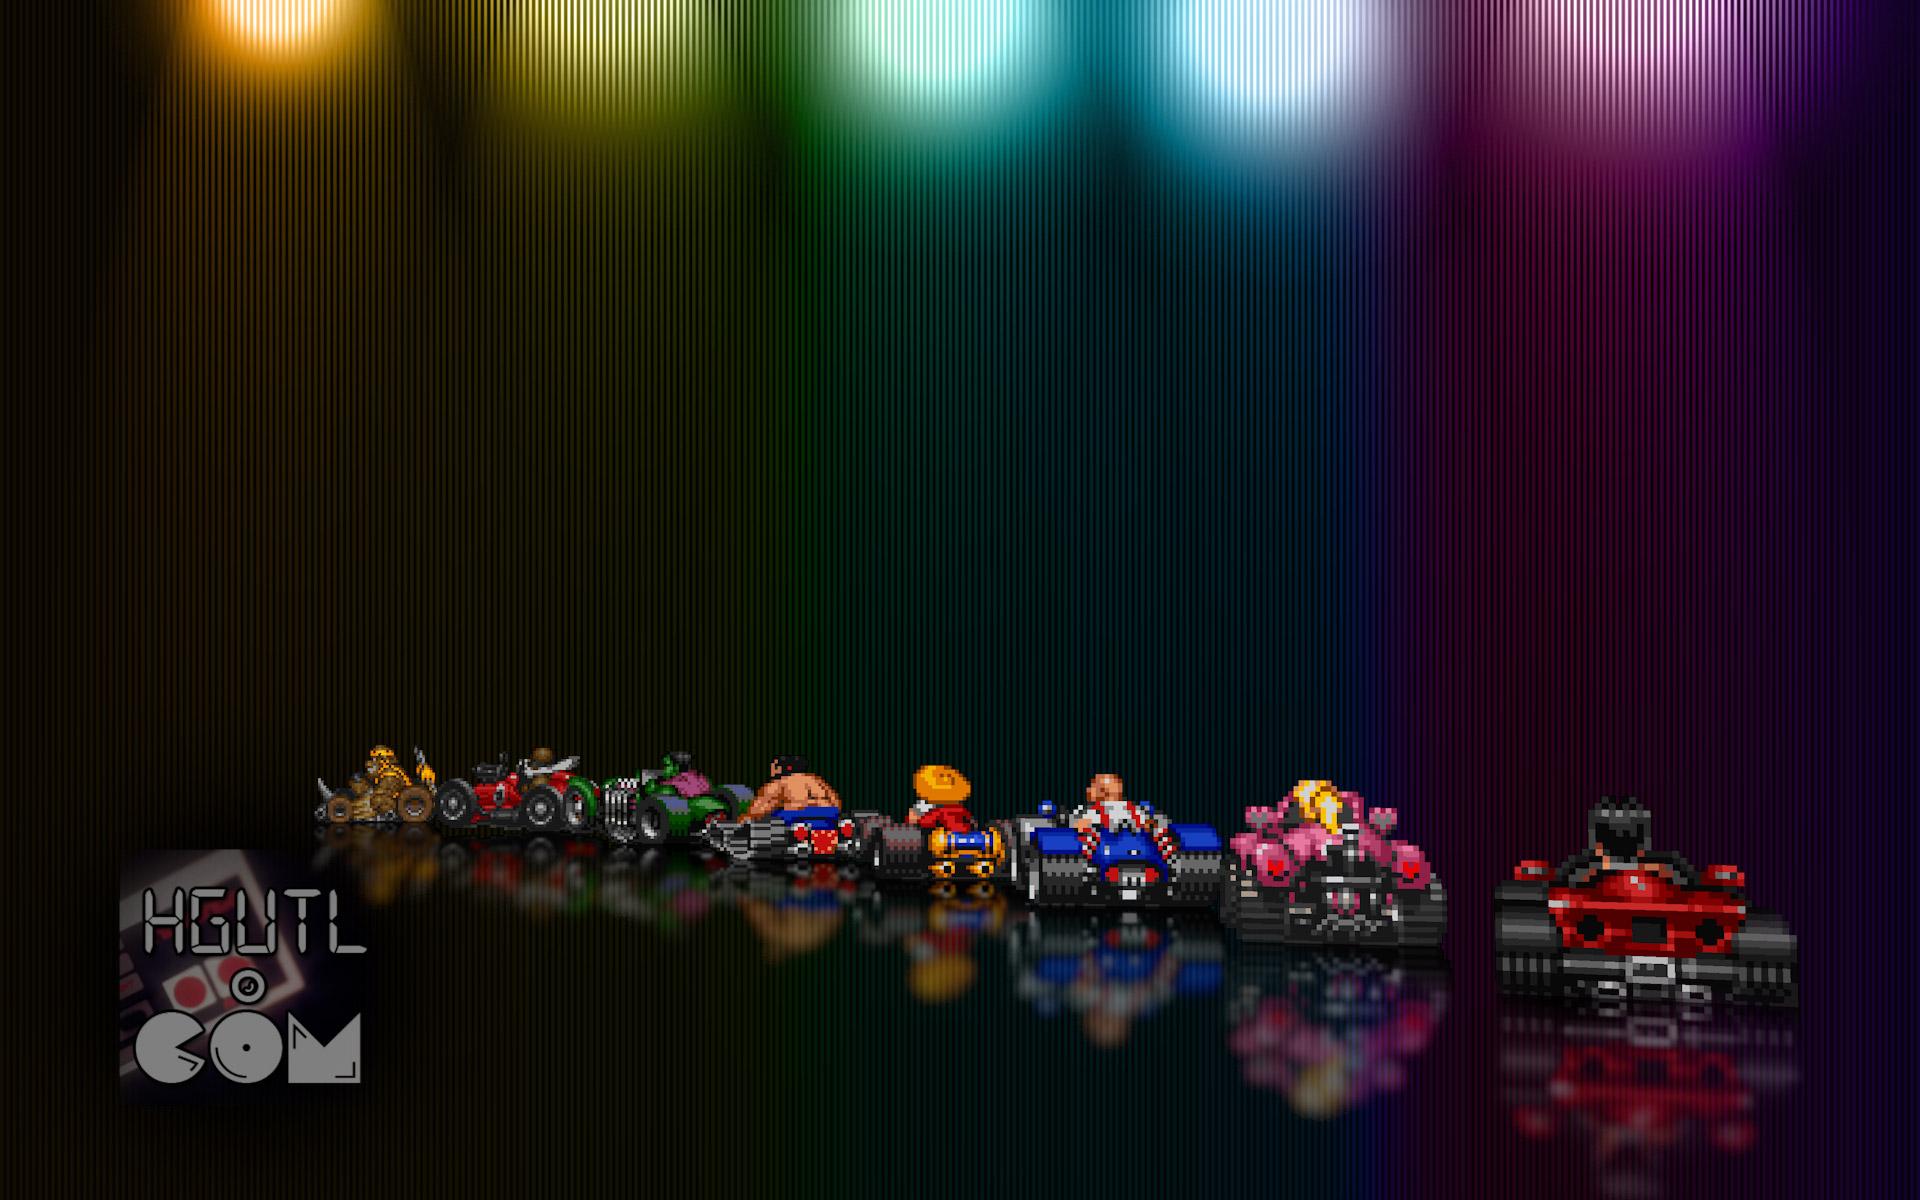 Free Ridge Racer 7 Wallpaper In 1280x800: WallpaperSafari